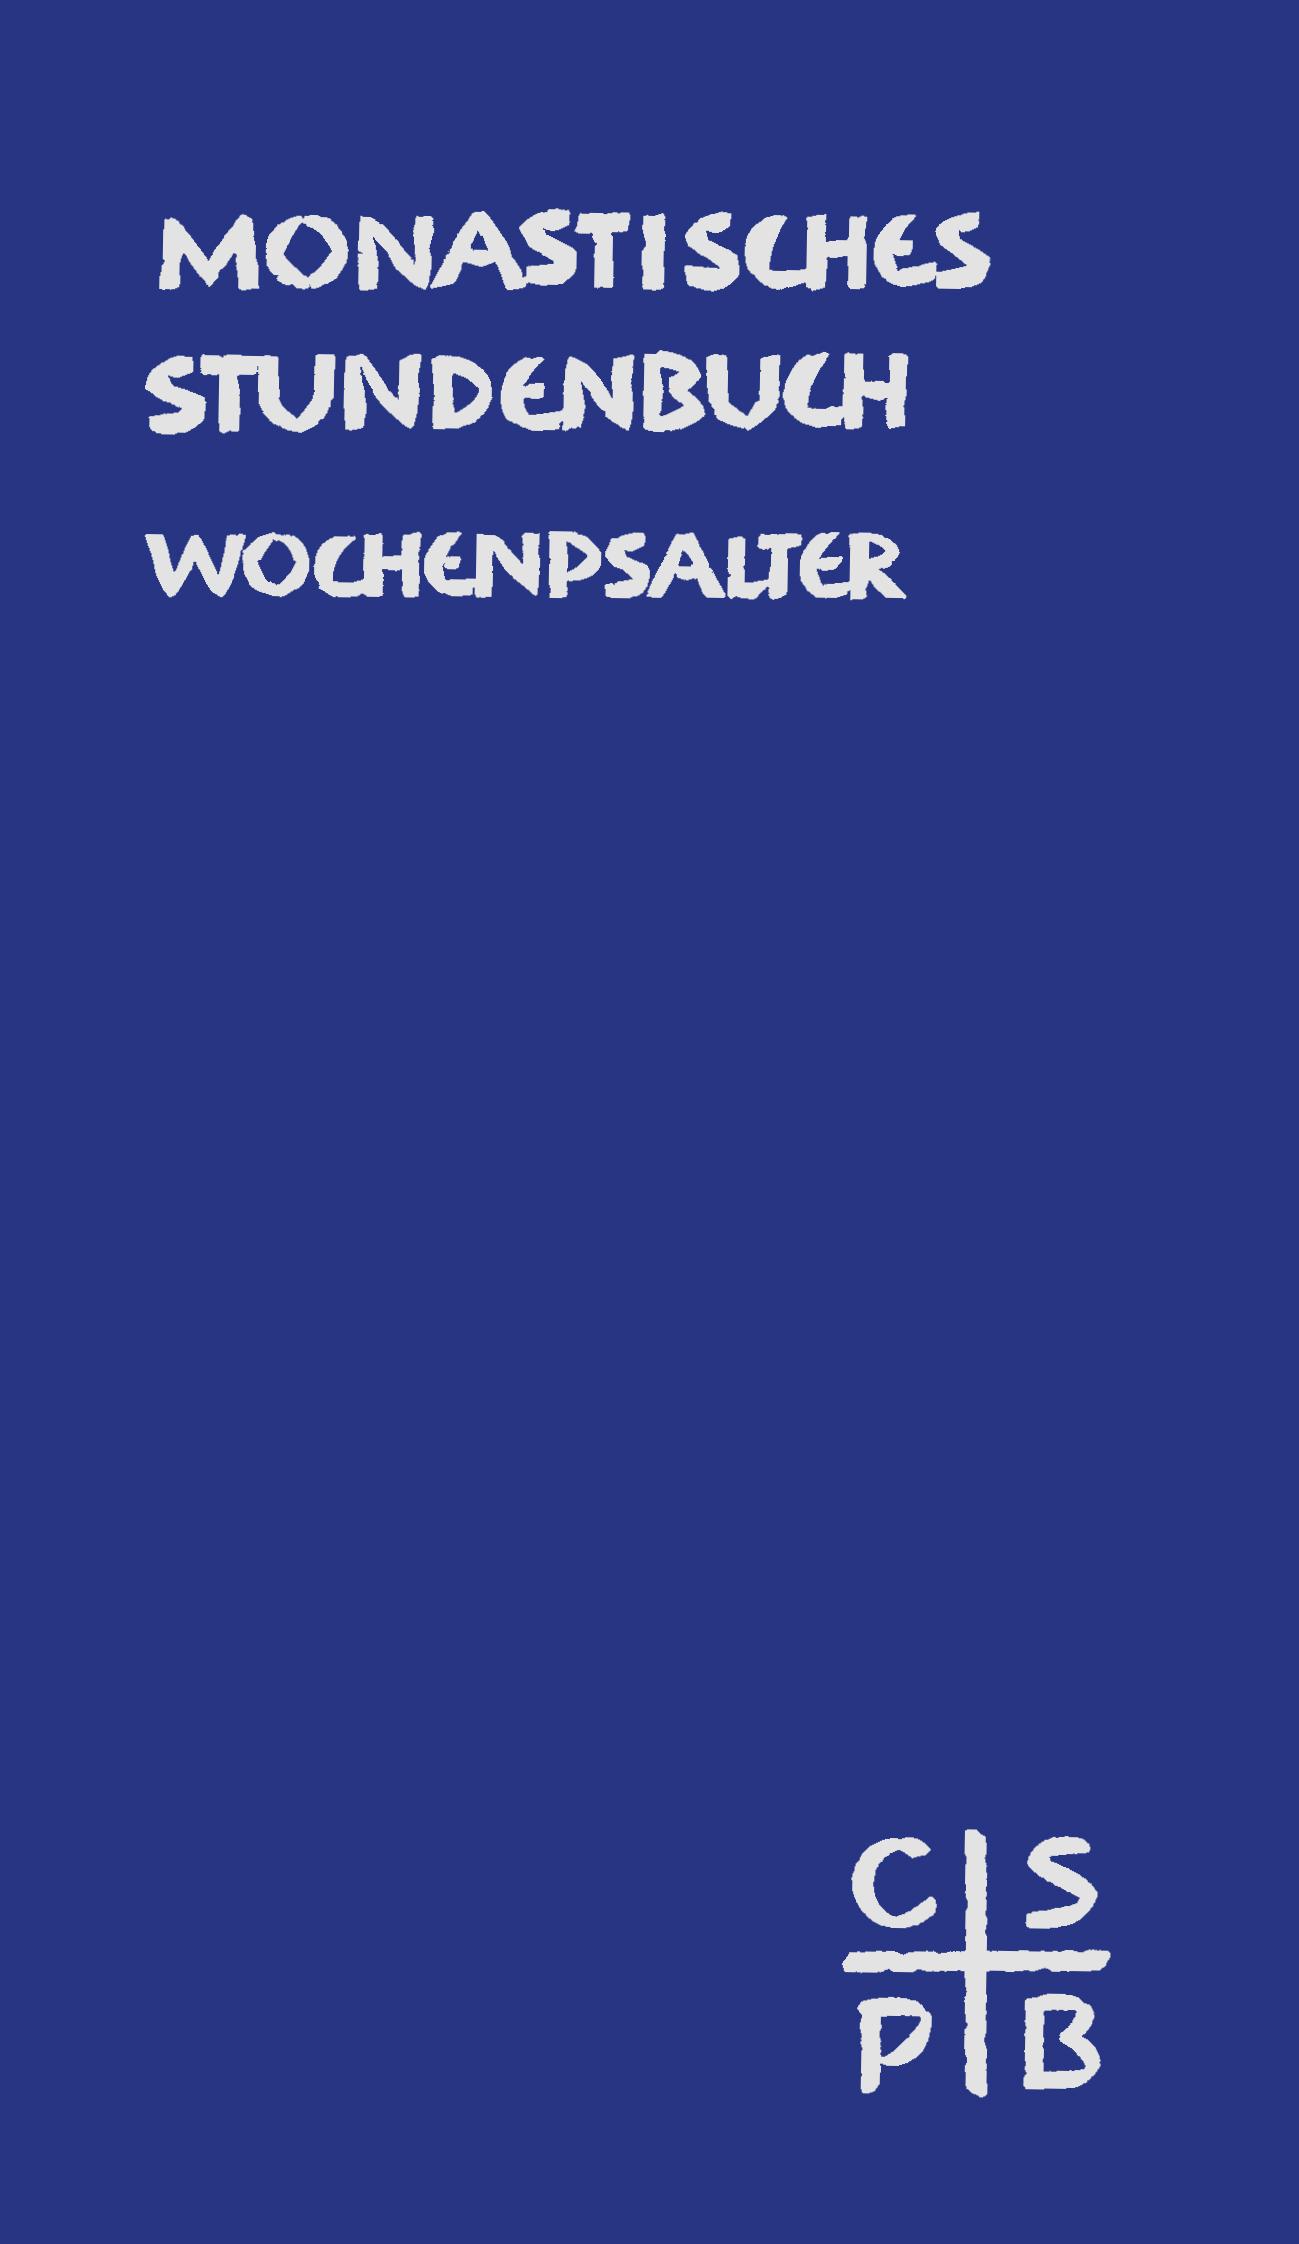 Monastisches Stundenbuch – Wochenpsalter